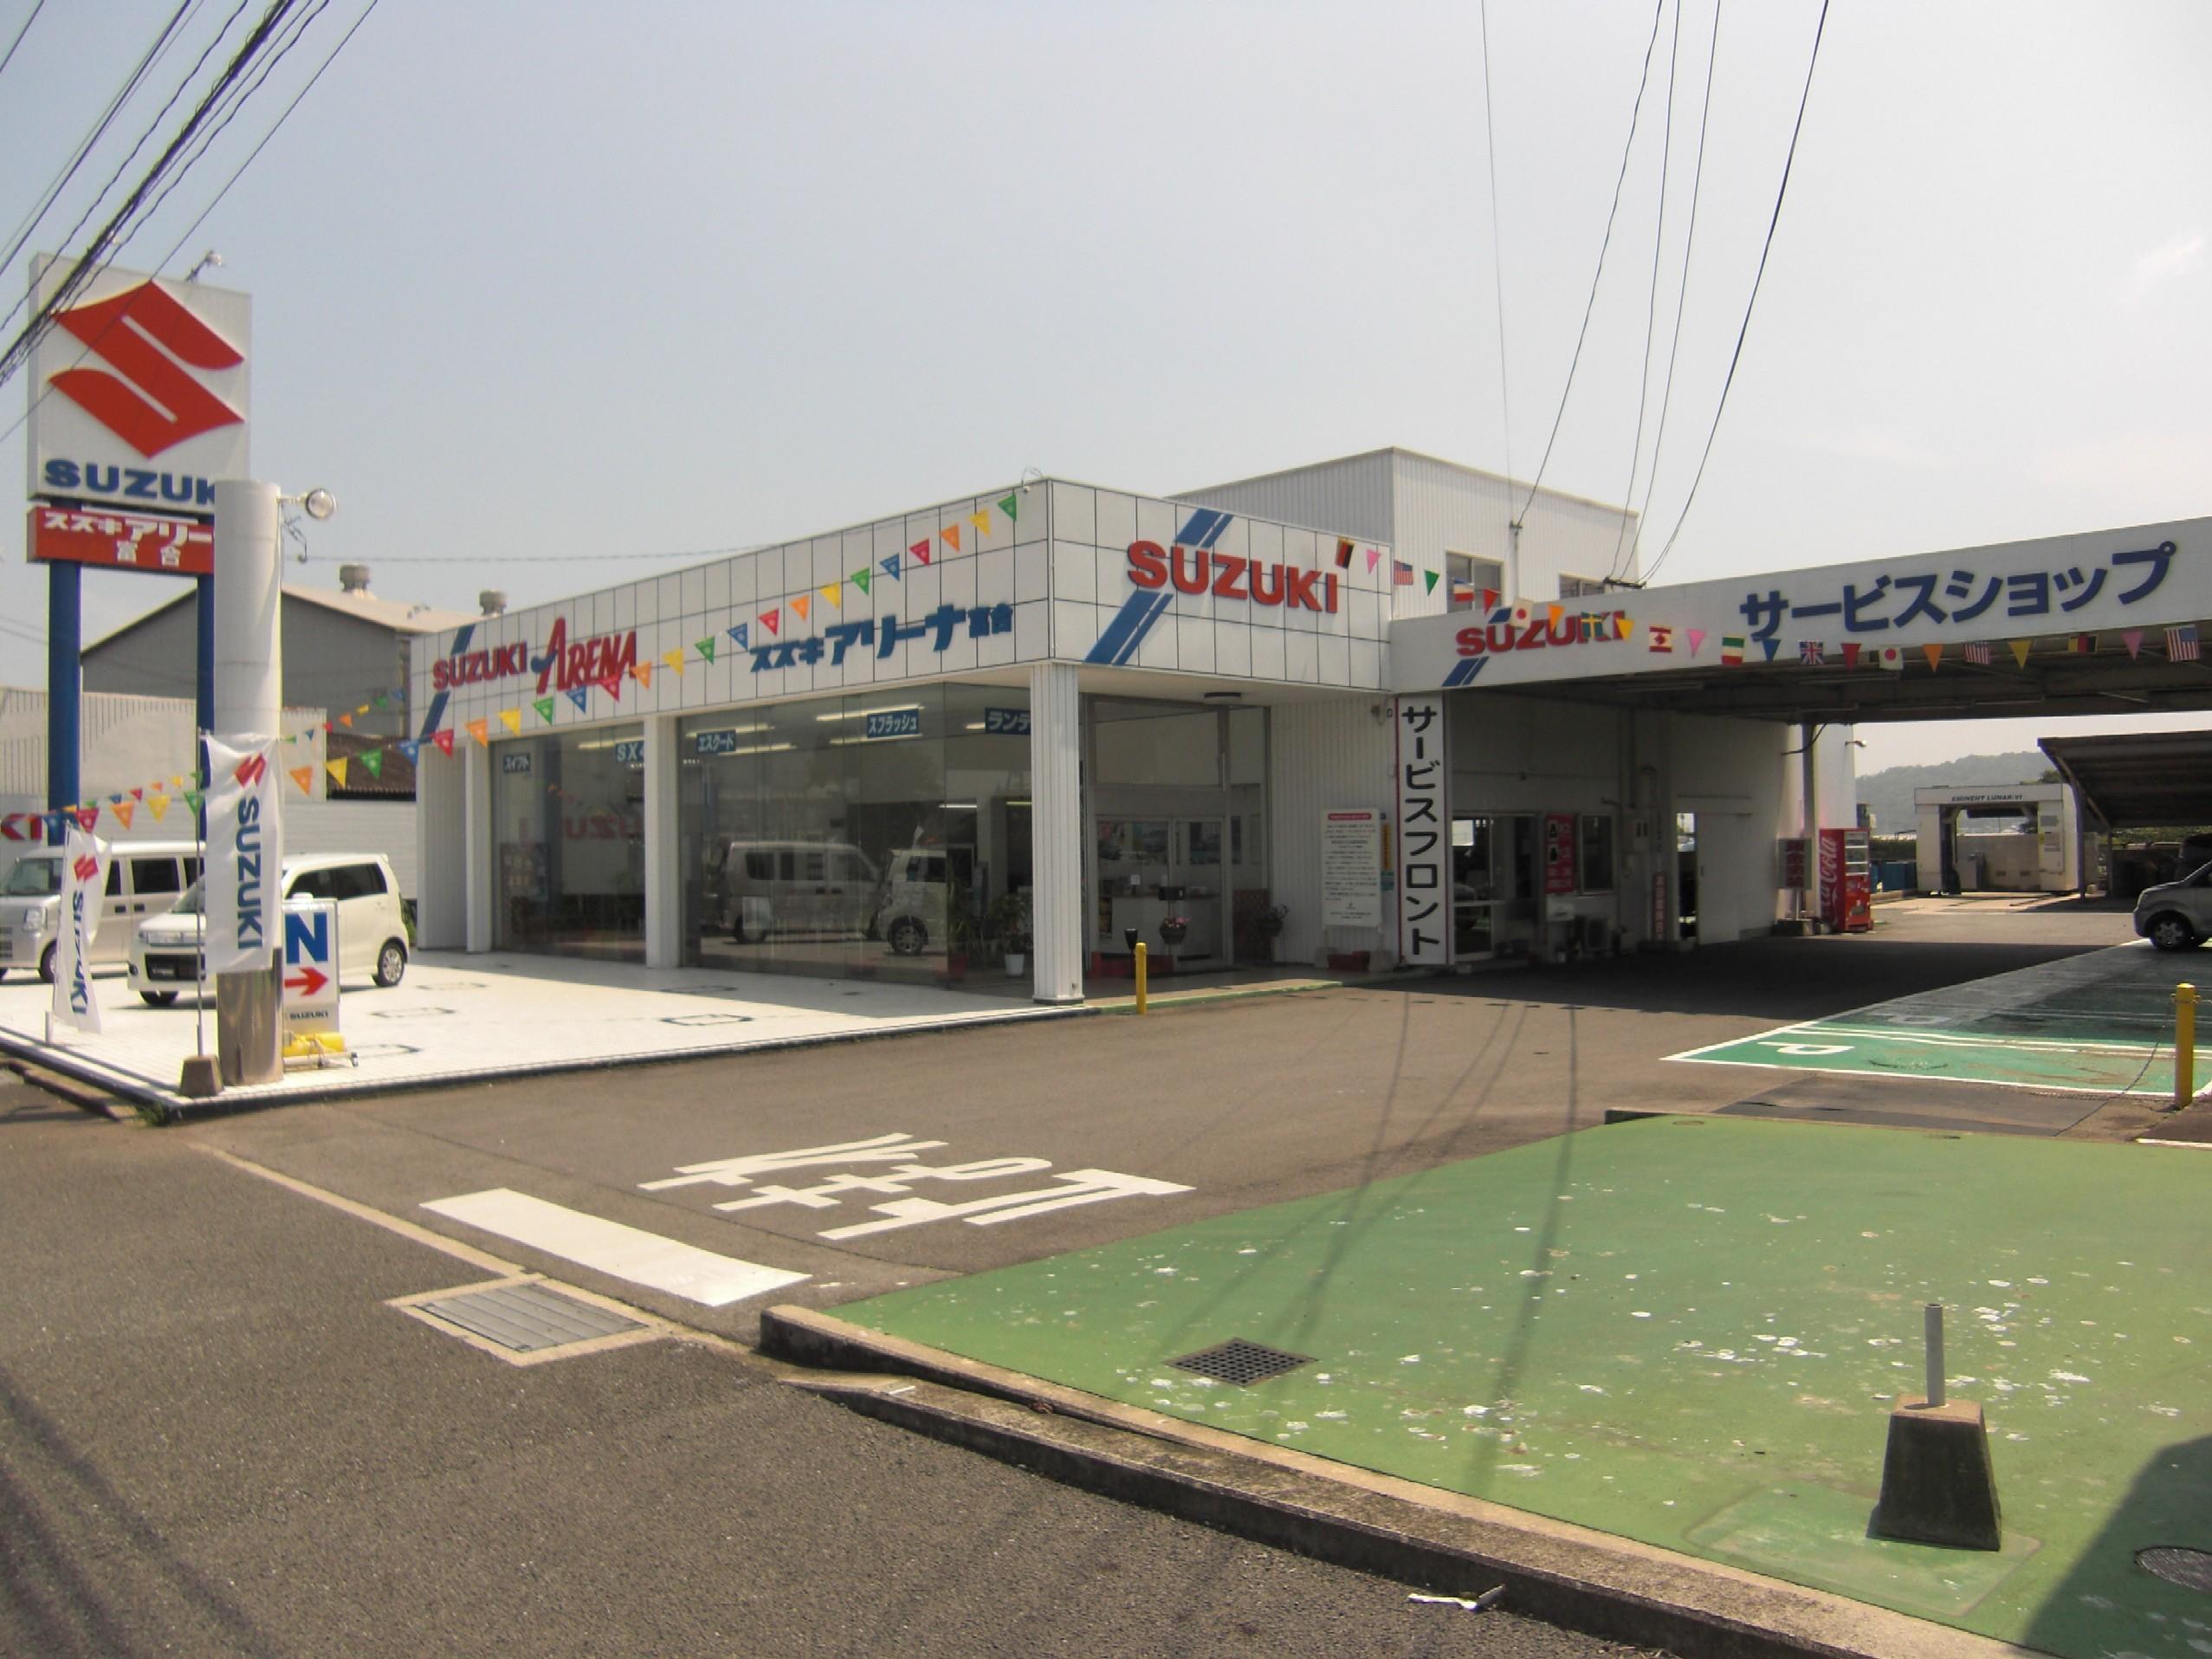 熊本中央スズキ自動車販売(株) 富合店